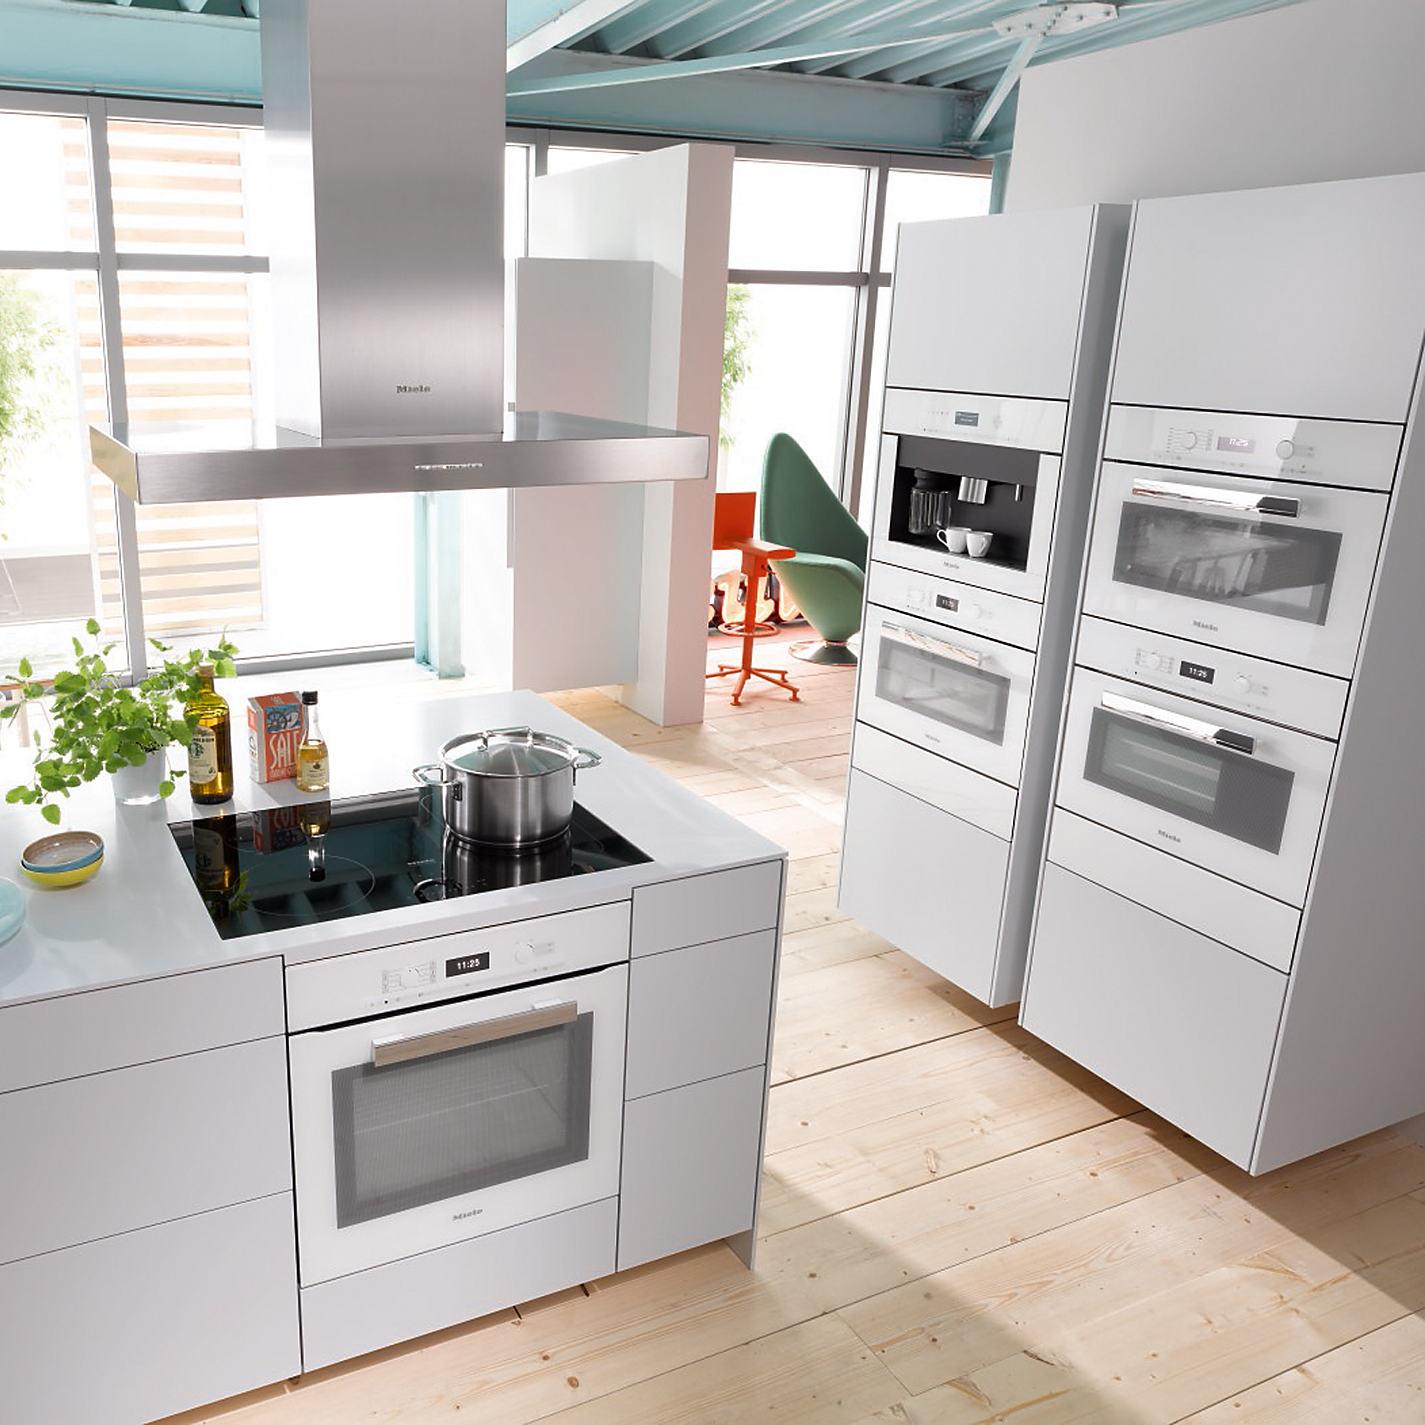 Witte ovens & koffievolautomaat uit de PureLine van Miele